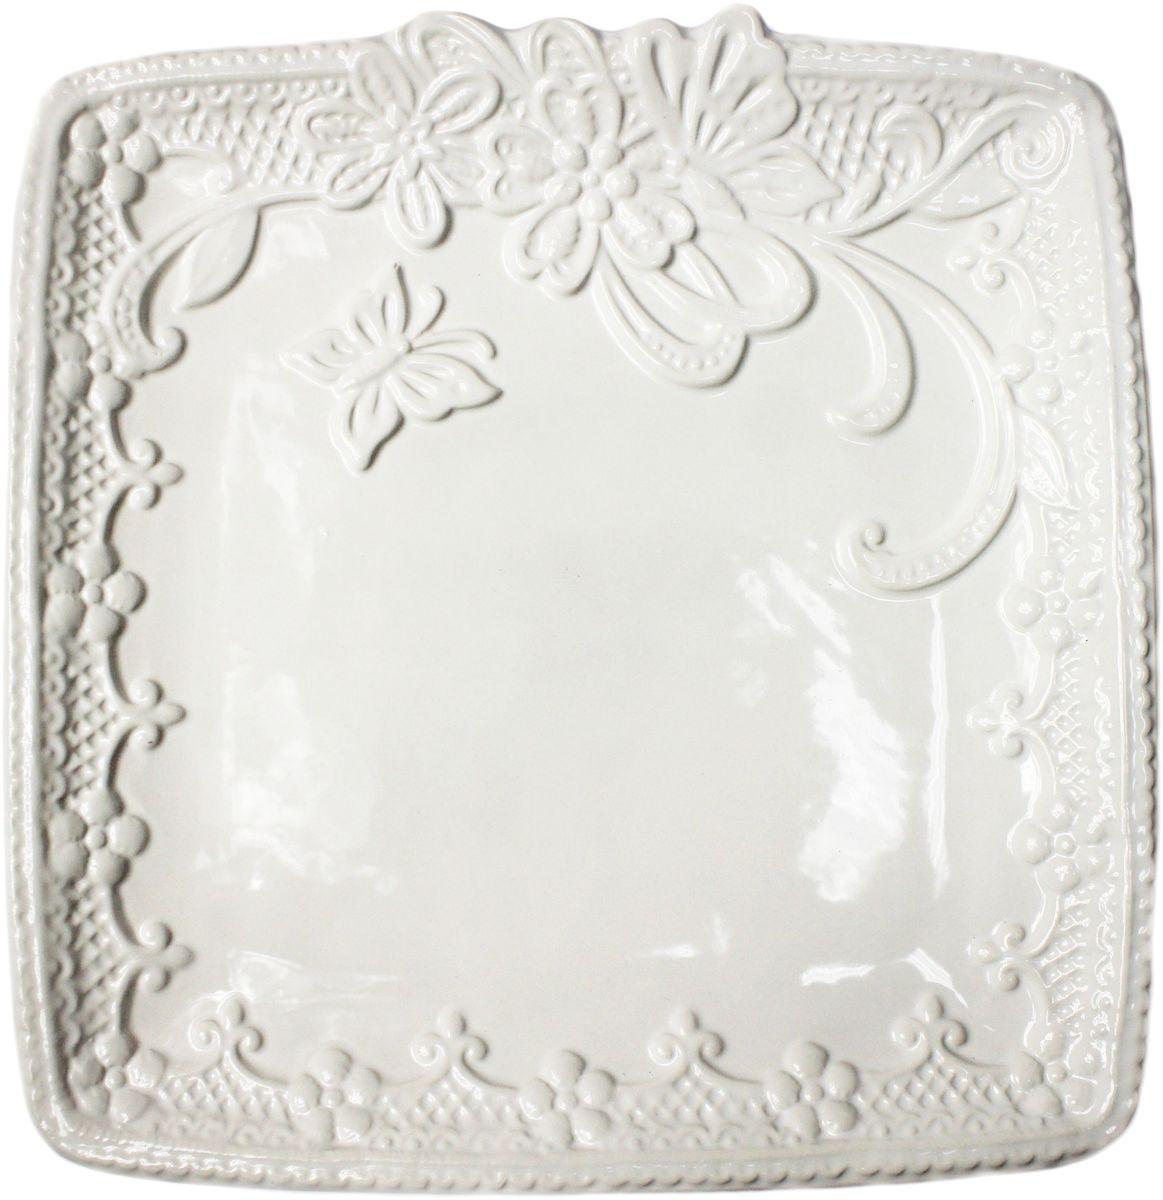 Тарелка Vetta Бабочка, квадратная, 25 х 25 см824784Тарелка Бабочка, выполненная из высококачественной керамики белого цвета, украшена рельефным рисунком в виде узоров, бабочек и цветов. Такая тарелка прекрасно подойдет как для торжественных случаев, так и для повседневного использования. Идеальна для подачи вторых блюд. Тарелка Бабочка прекрасно оформит стол и станет отличным дополнением к вашей коллекции кухонной посуды.